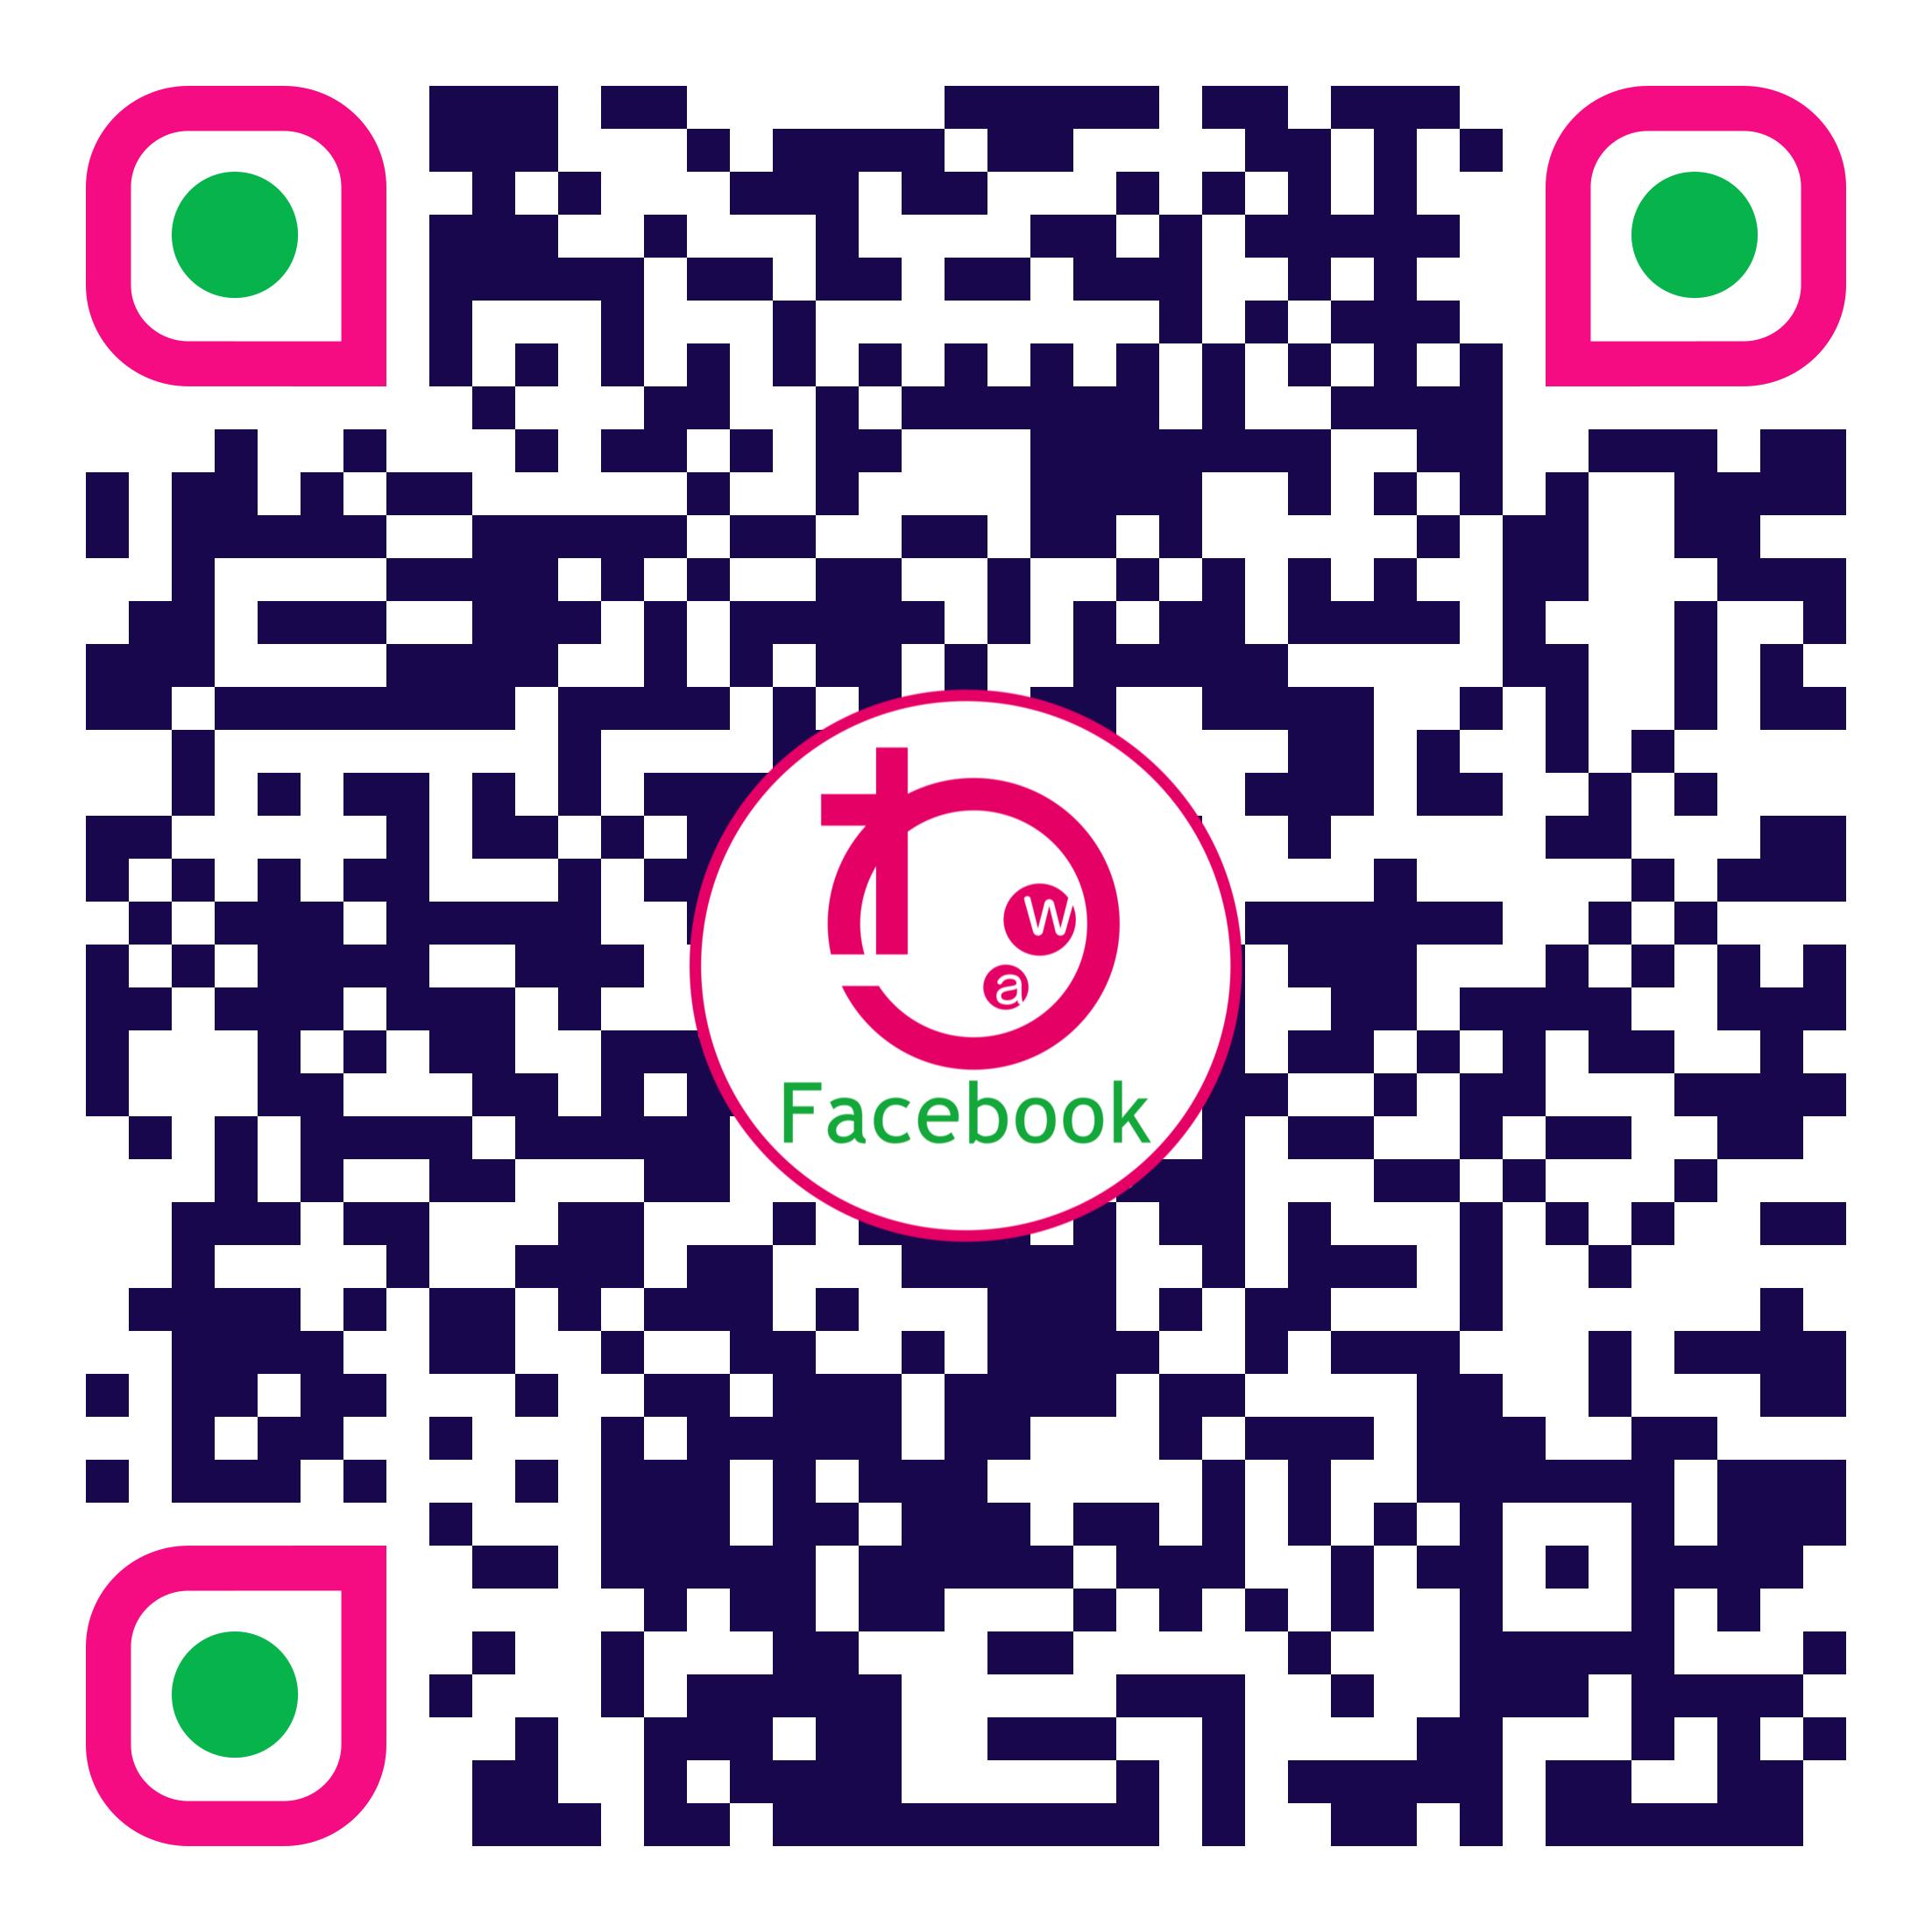 d0176753_16133511.png